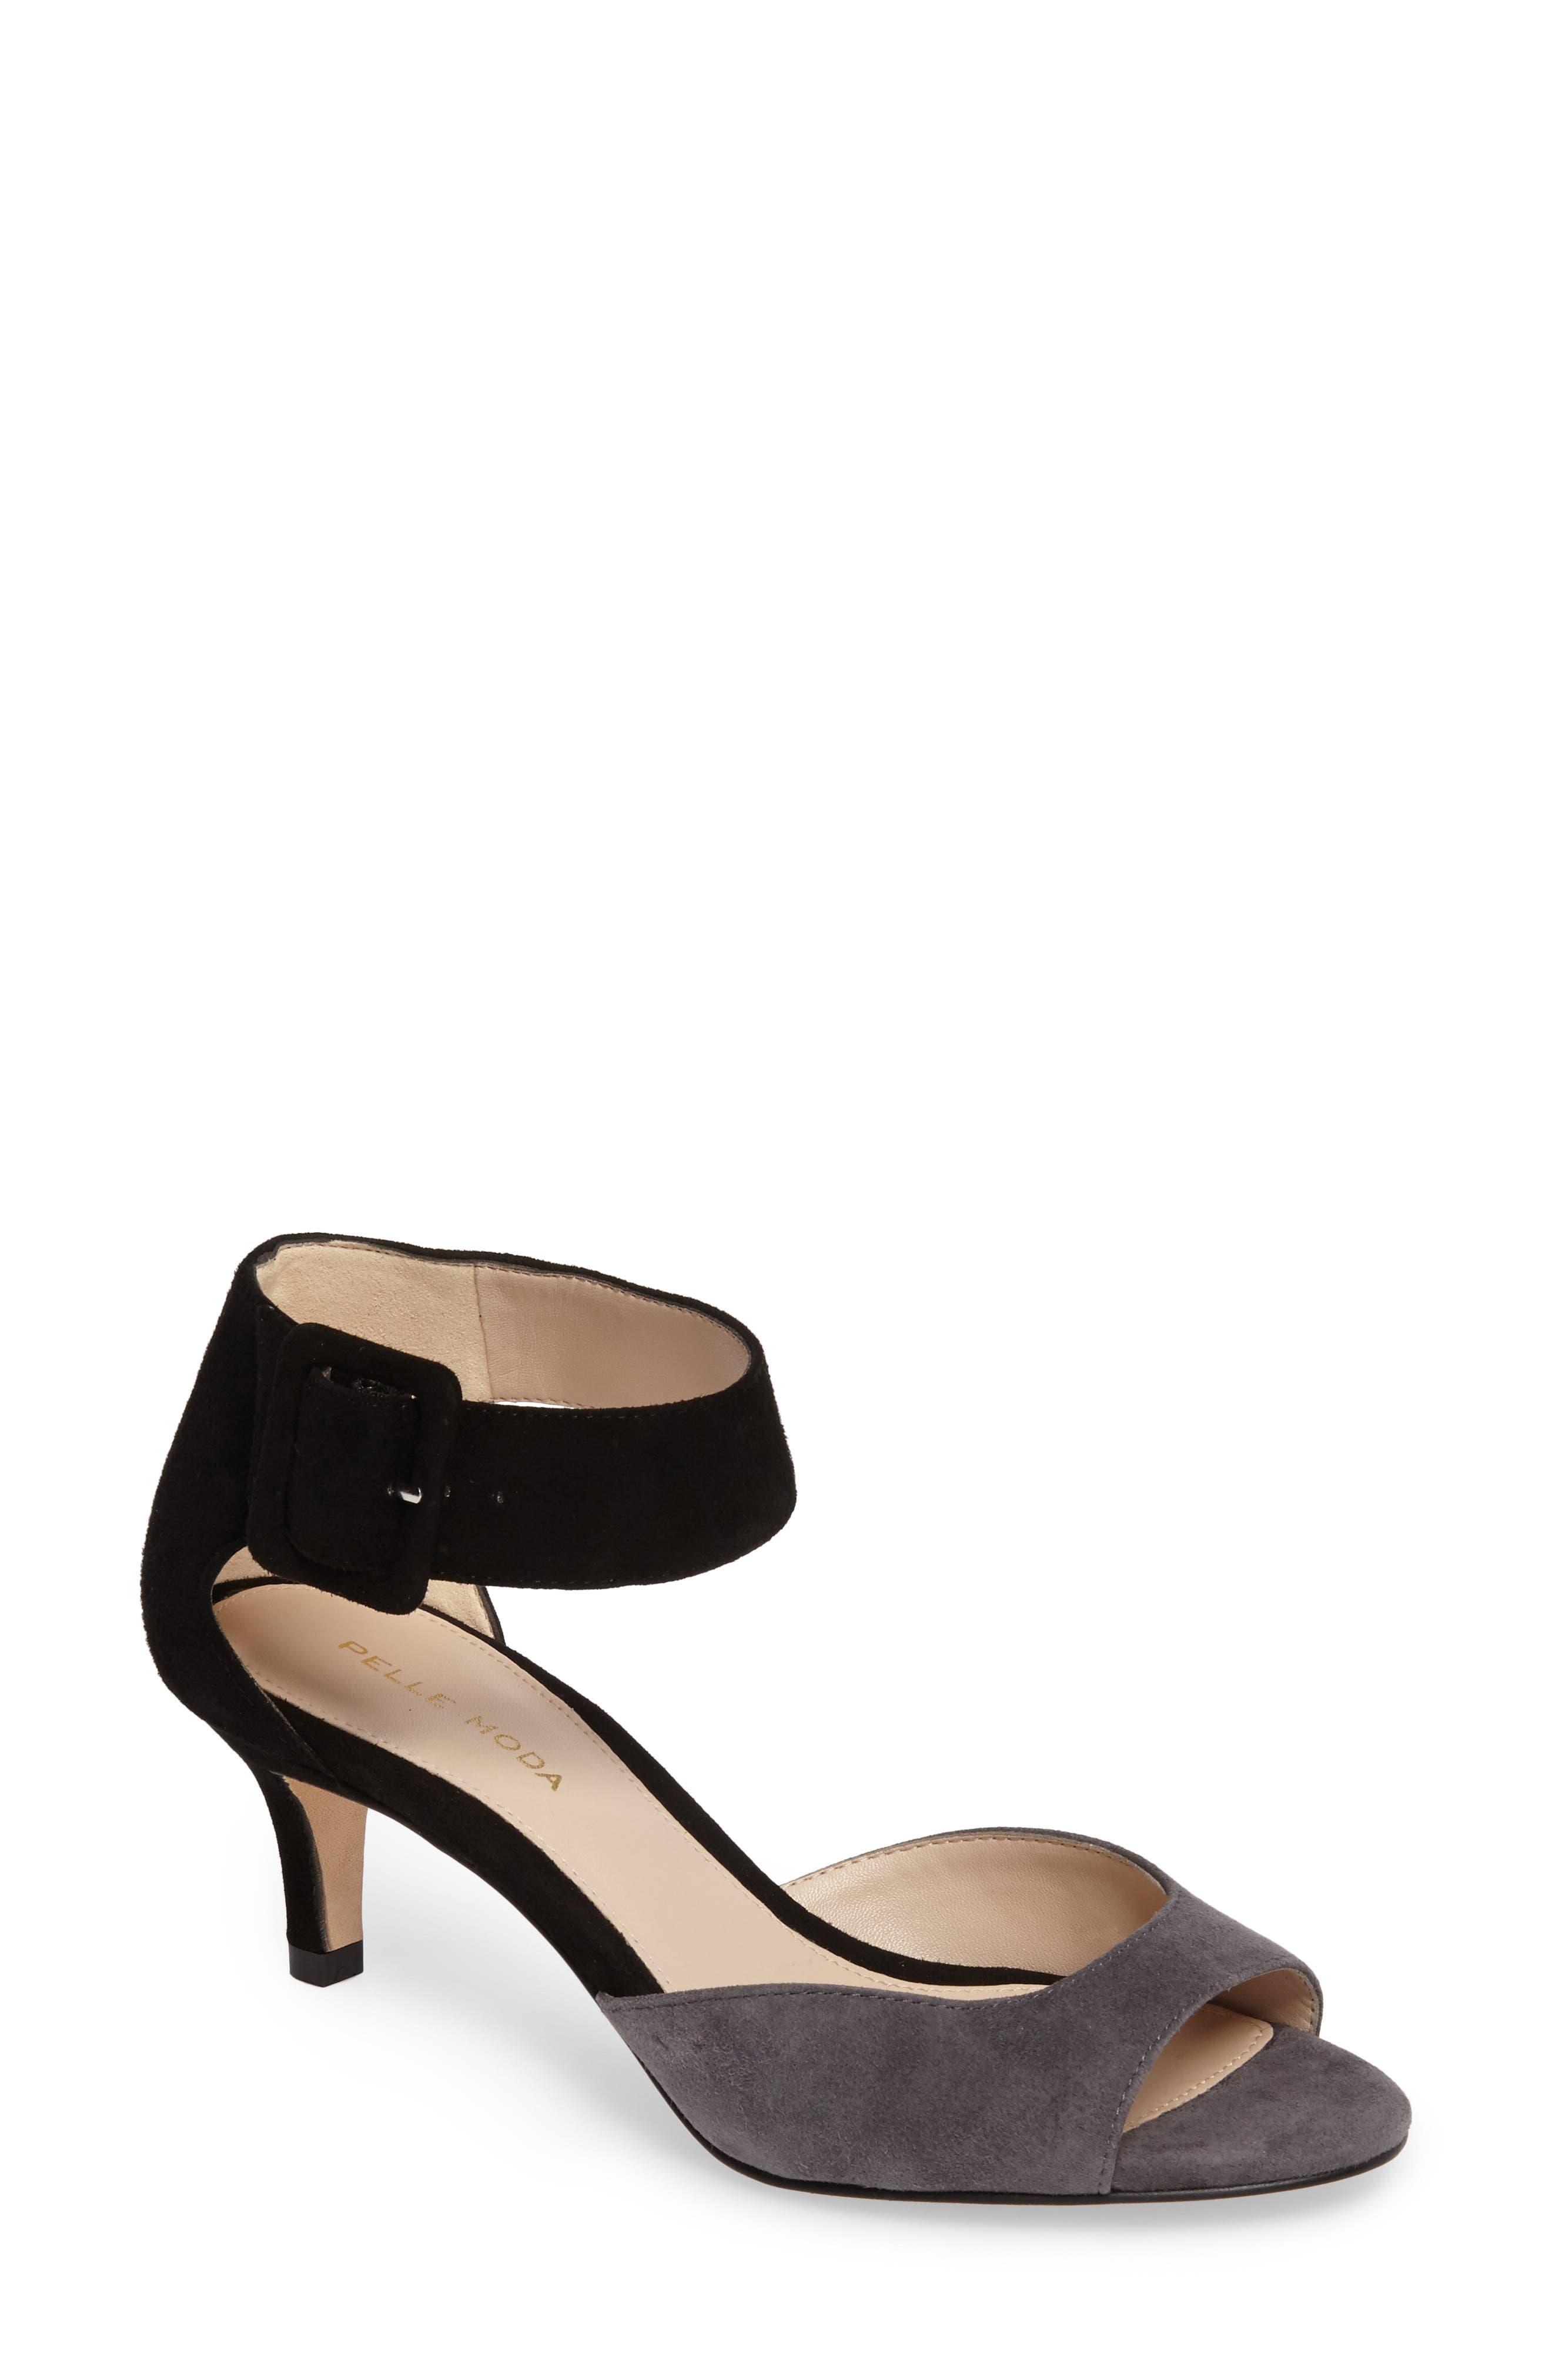 Alternate Image 1 Selected - Pelle Moda 'Berlin' Sandal (Women)